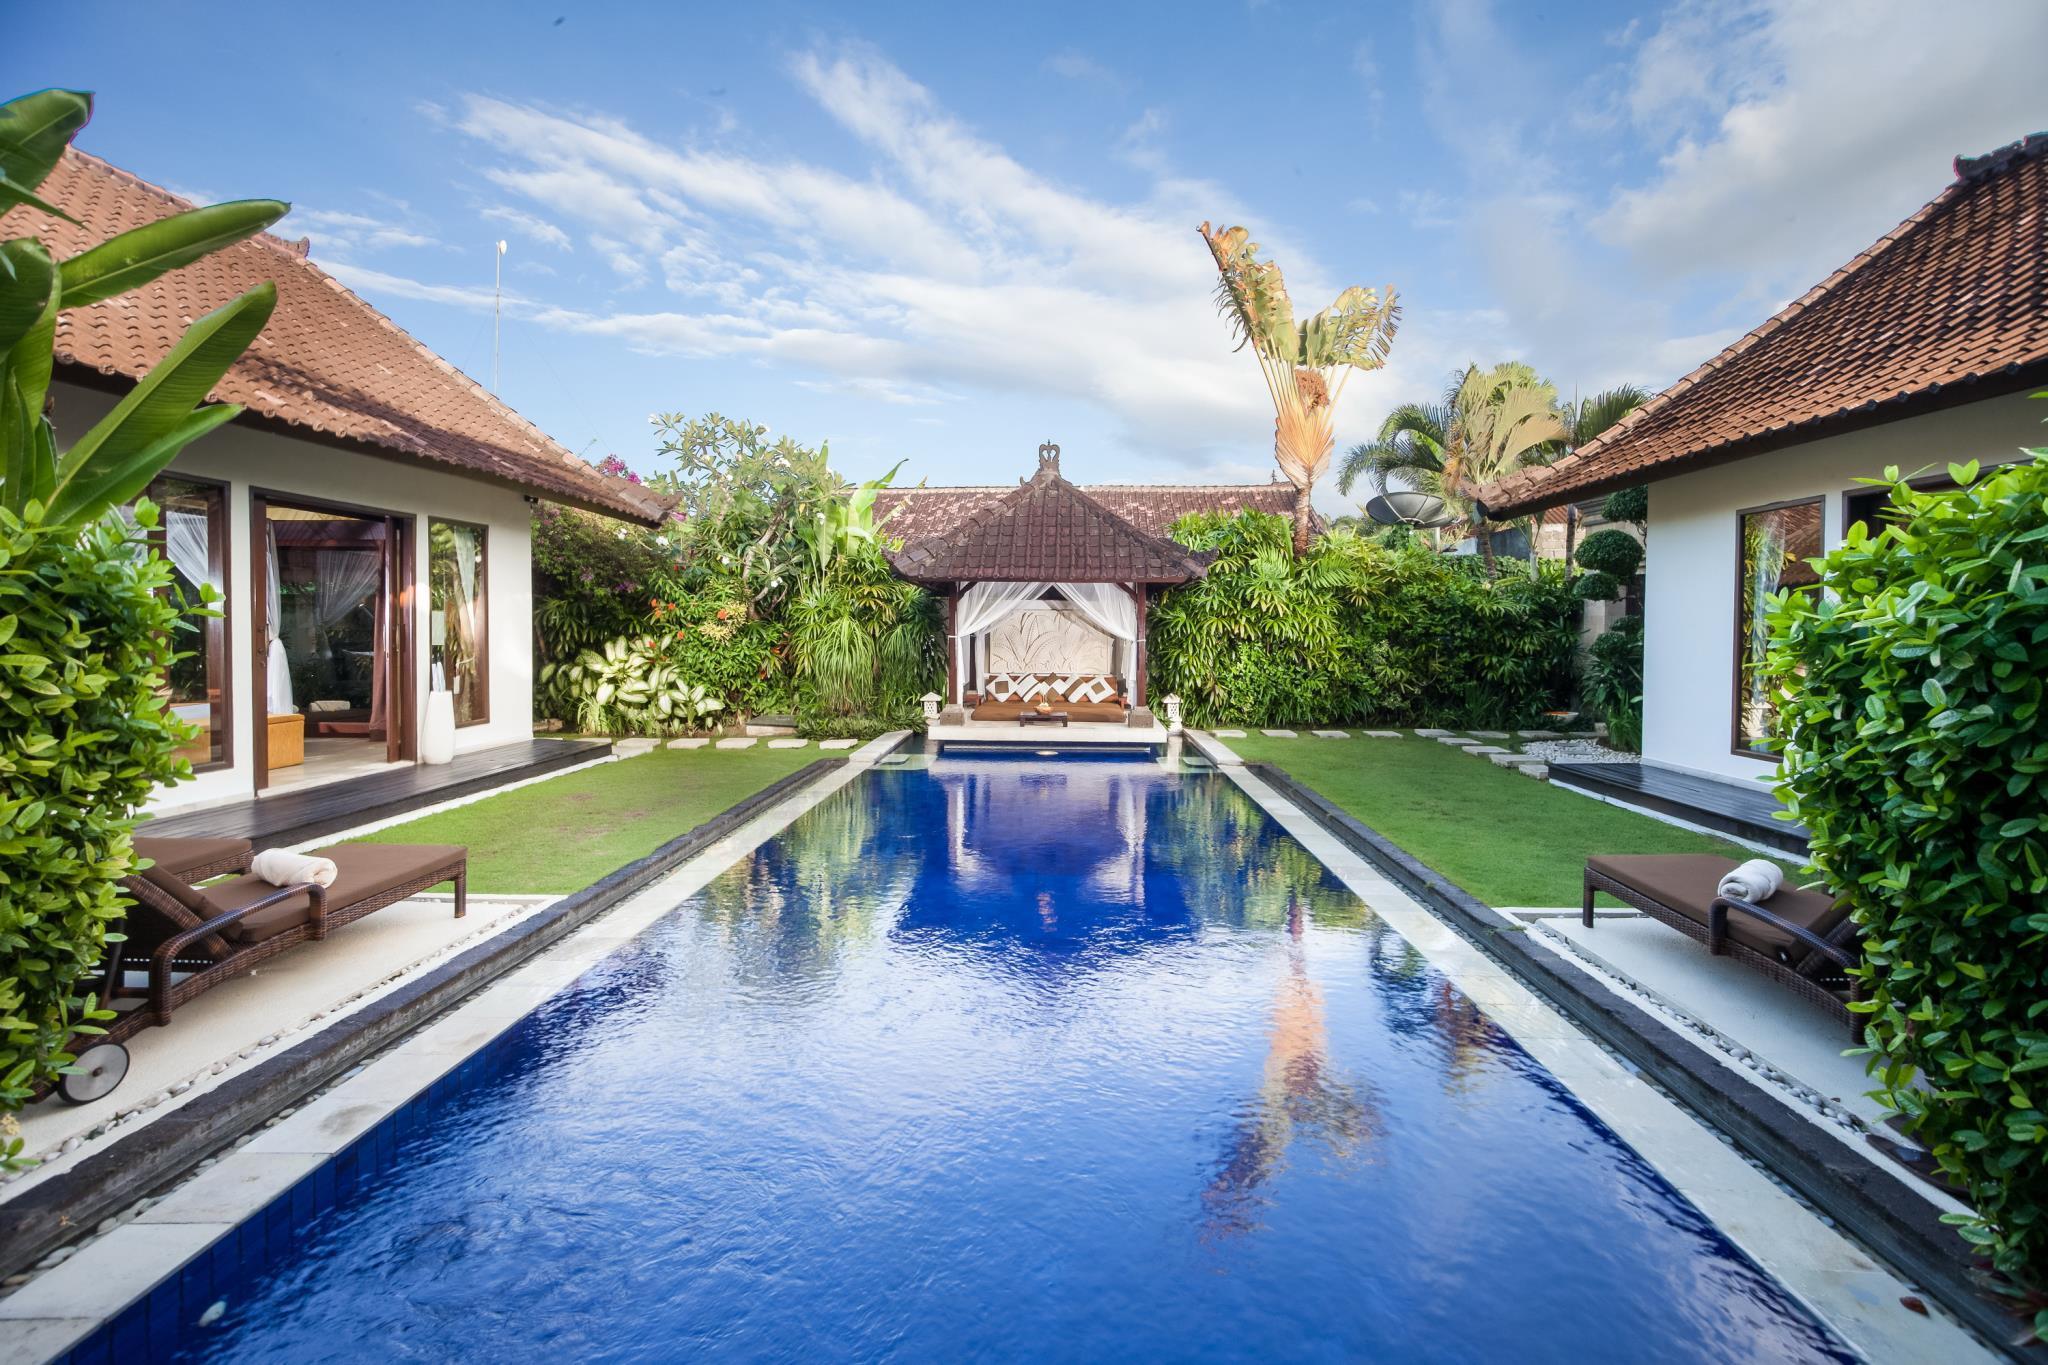 Three bedroom Villa Tania ホテル詳細